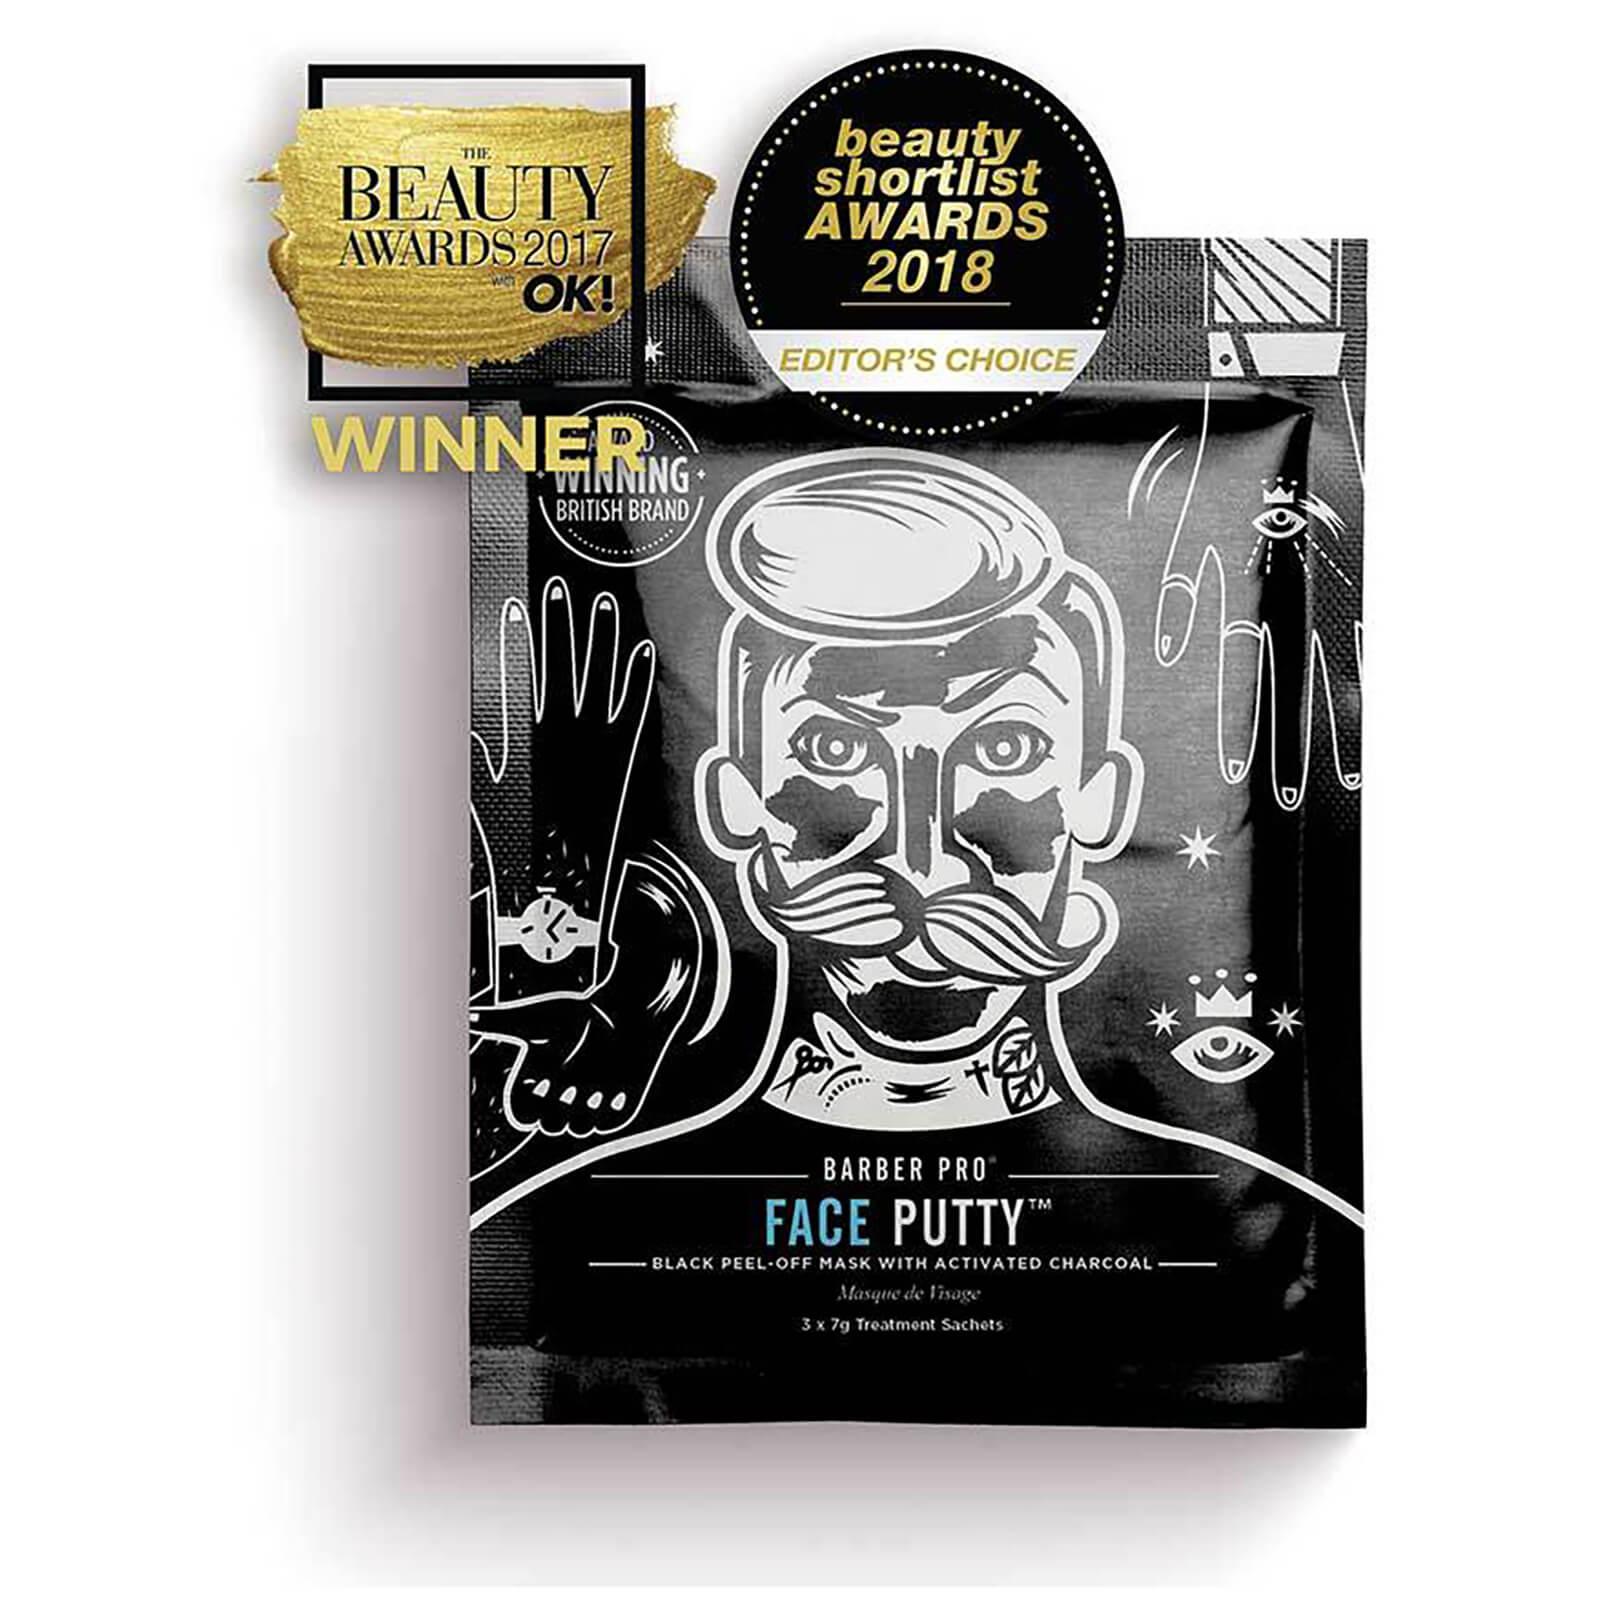 Купить Маска-пленка с активированным углем BARBER PRO Face Putty Black Peel-Off Mask with Activated Charcoal (3 применения)